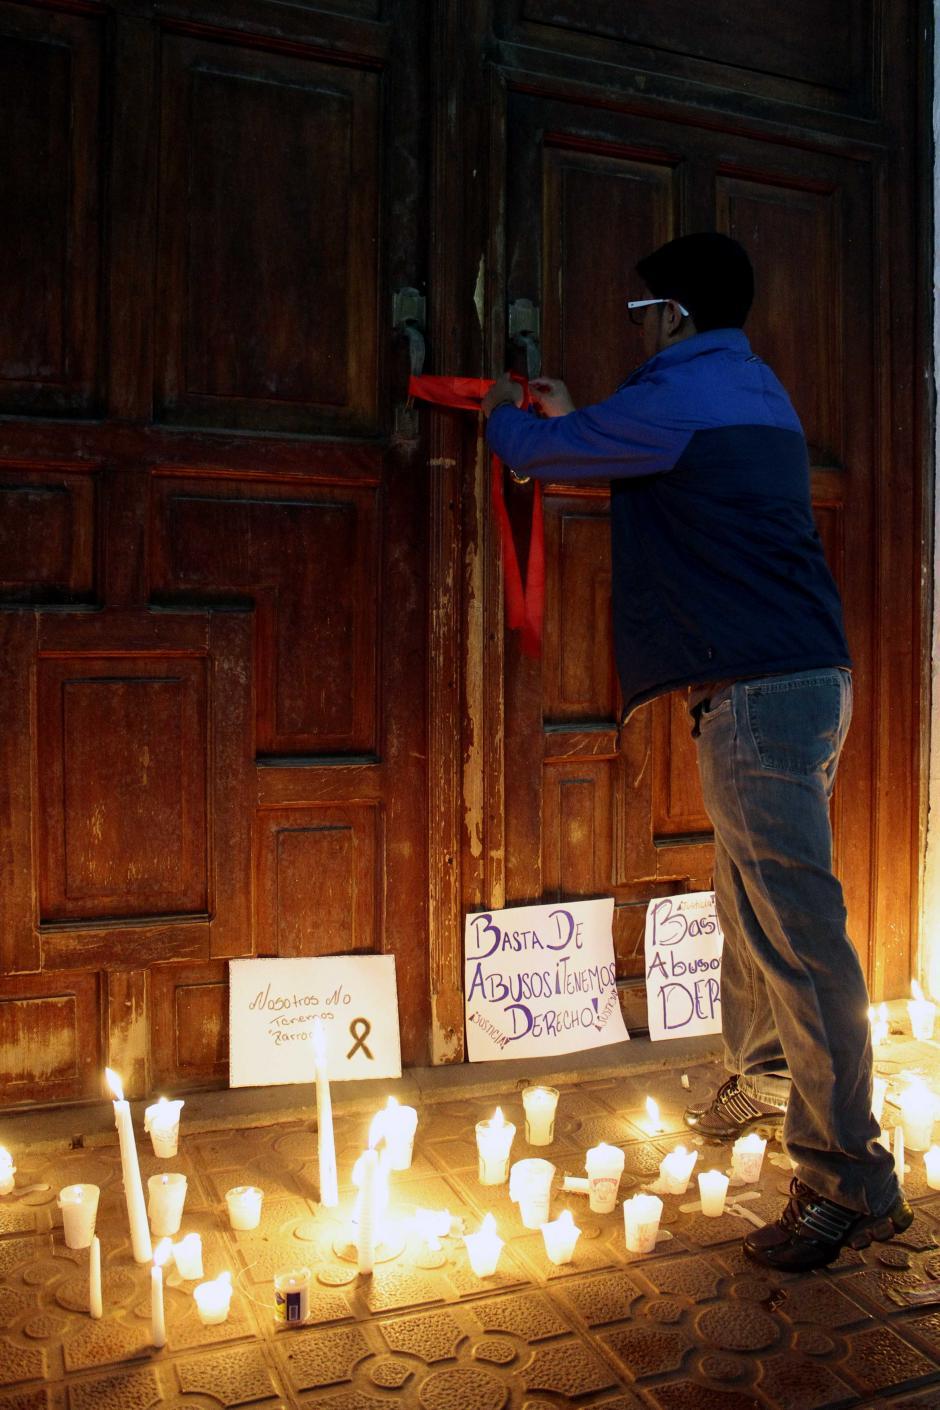 Los vecinos colocaron cintas de color rojo, velas y carteles frente a la puerta de la iglesia para pedir la renuncia del sacerdote. (Foto: Gustavo Rodas/Nuestro Diario)